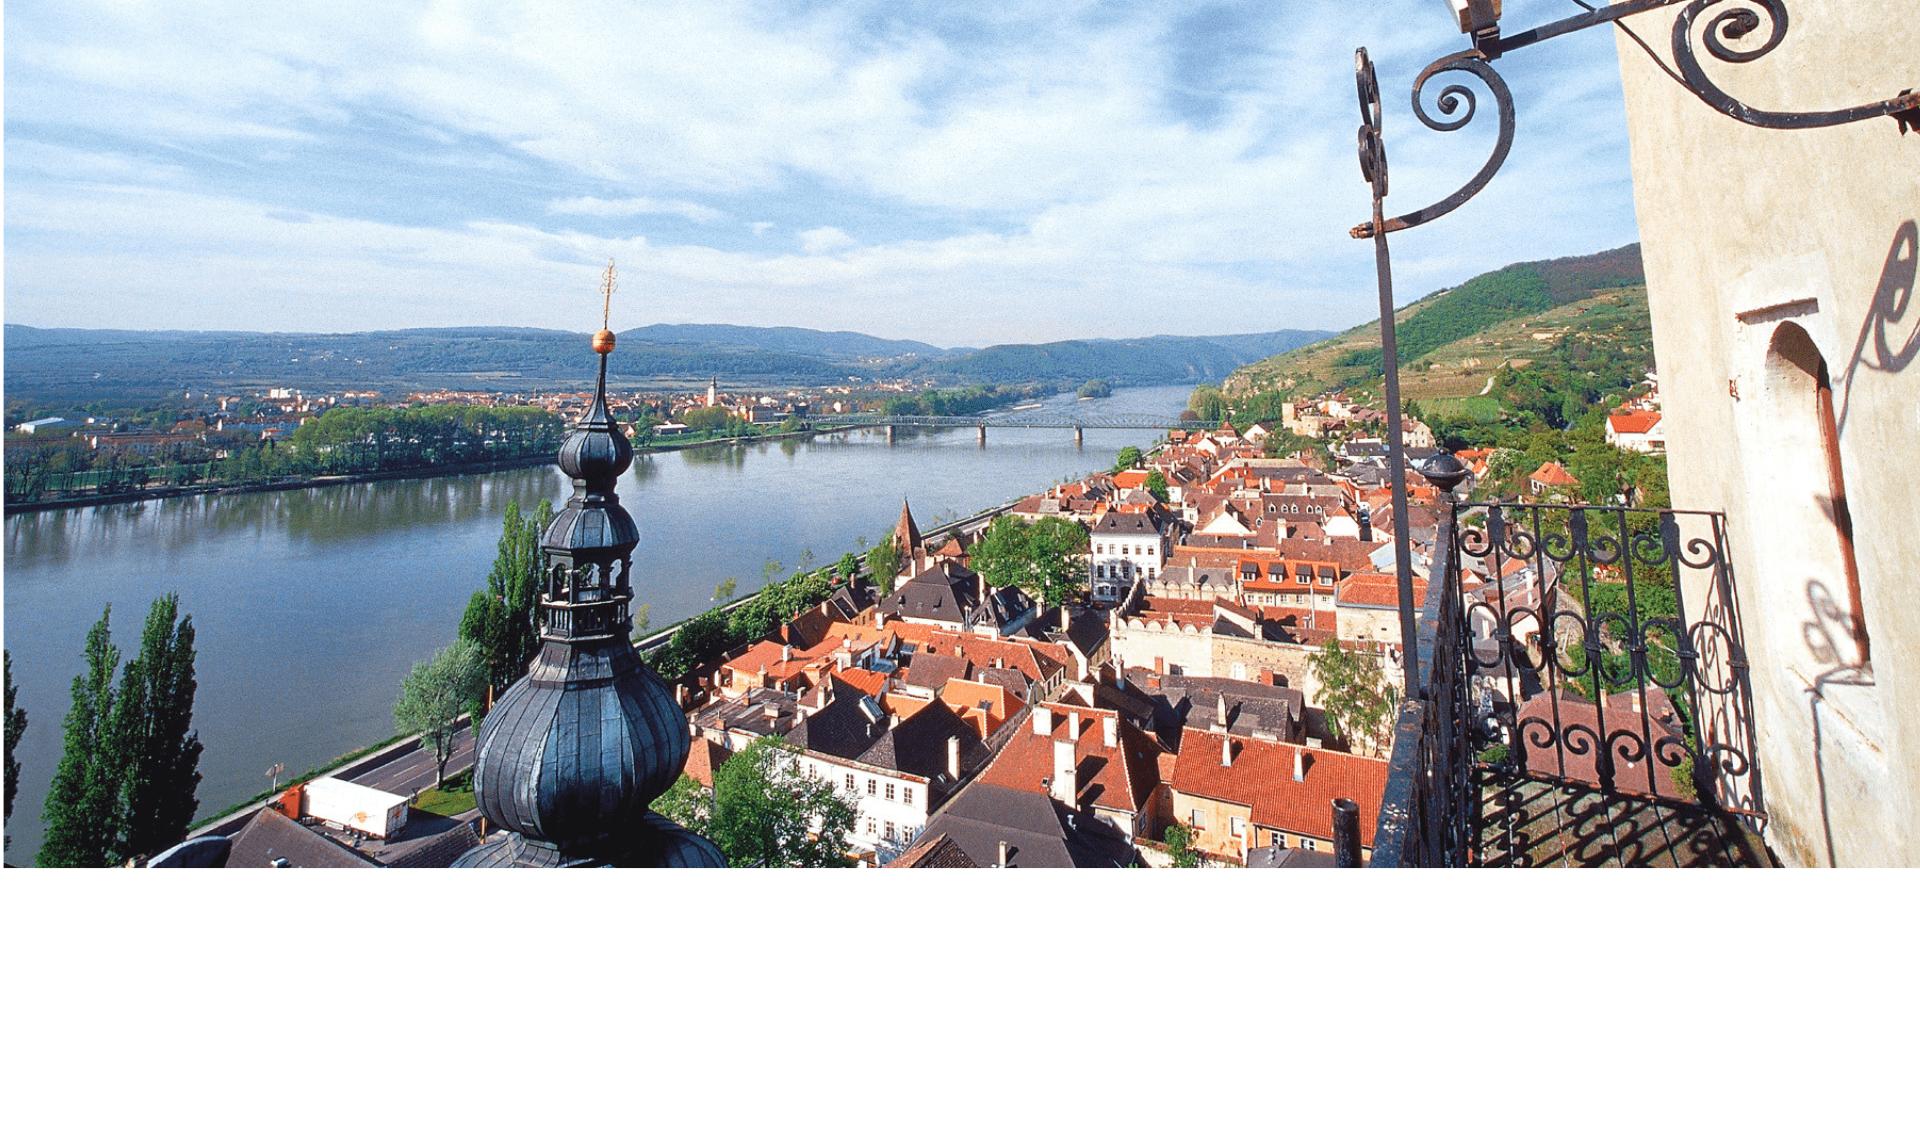 Fietsvakantie de Donauradweg (van hotel naar hotel)